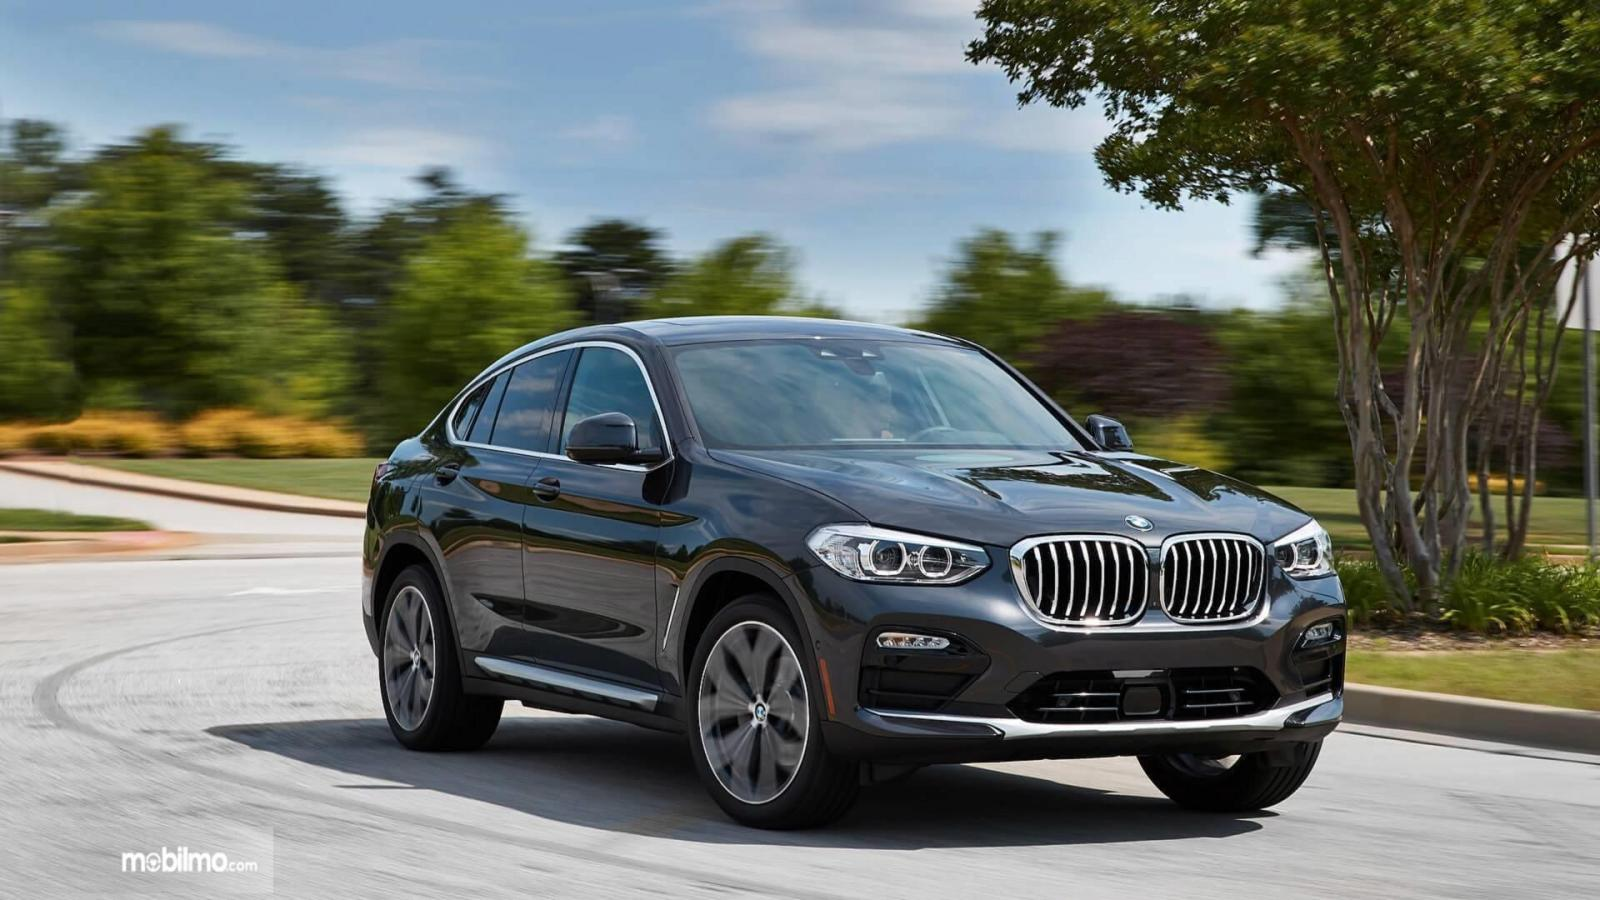 tampilan baru BMW X4 2019 berwarna hitam